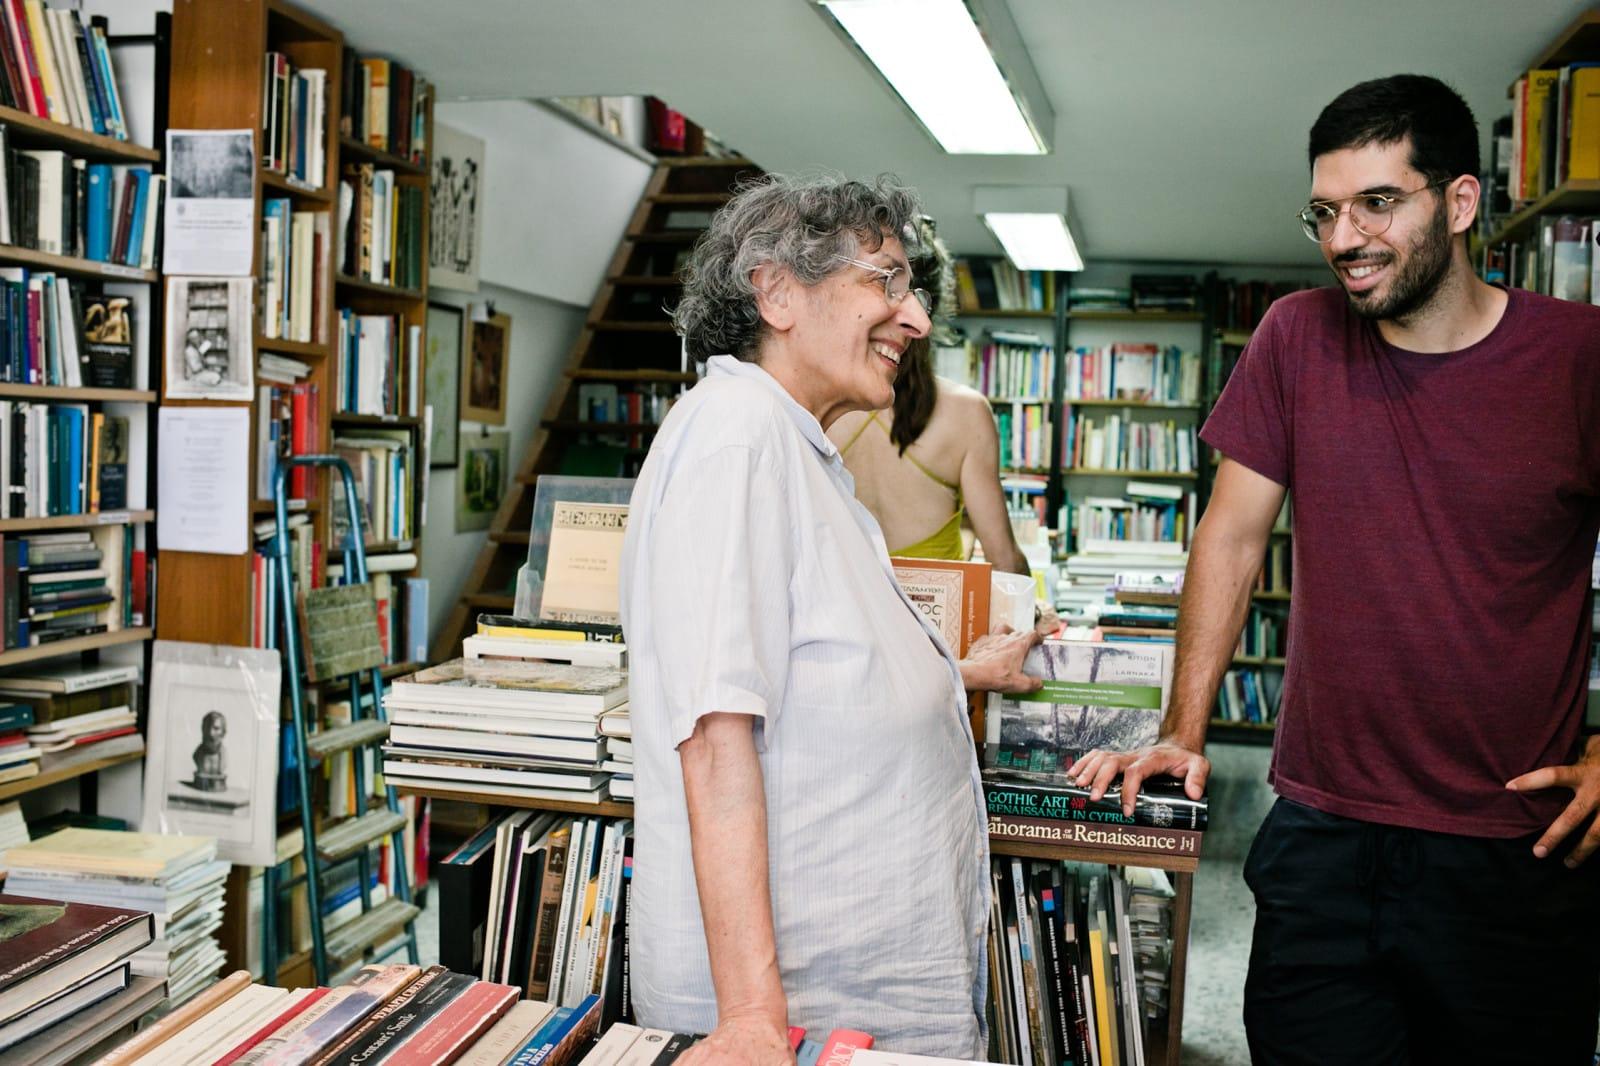 Рут Кешишьян, основательница книжного магазина Moufflon Bookshop в Никосии, Кипр. Источник: freundevonfreunden.com